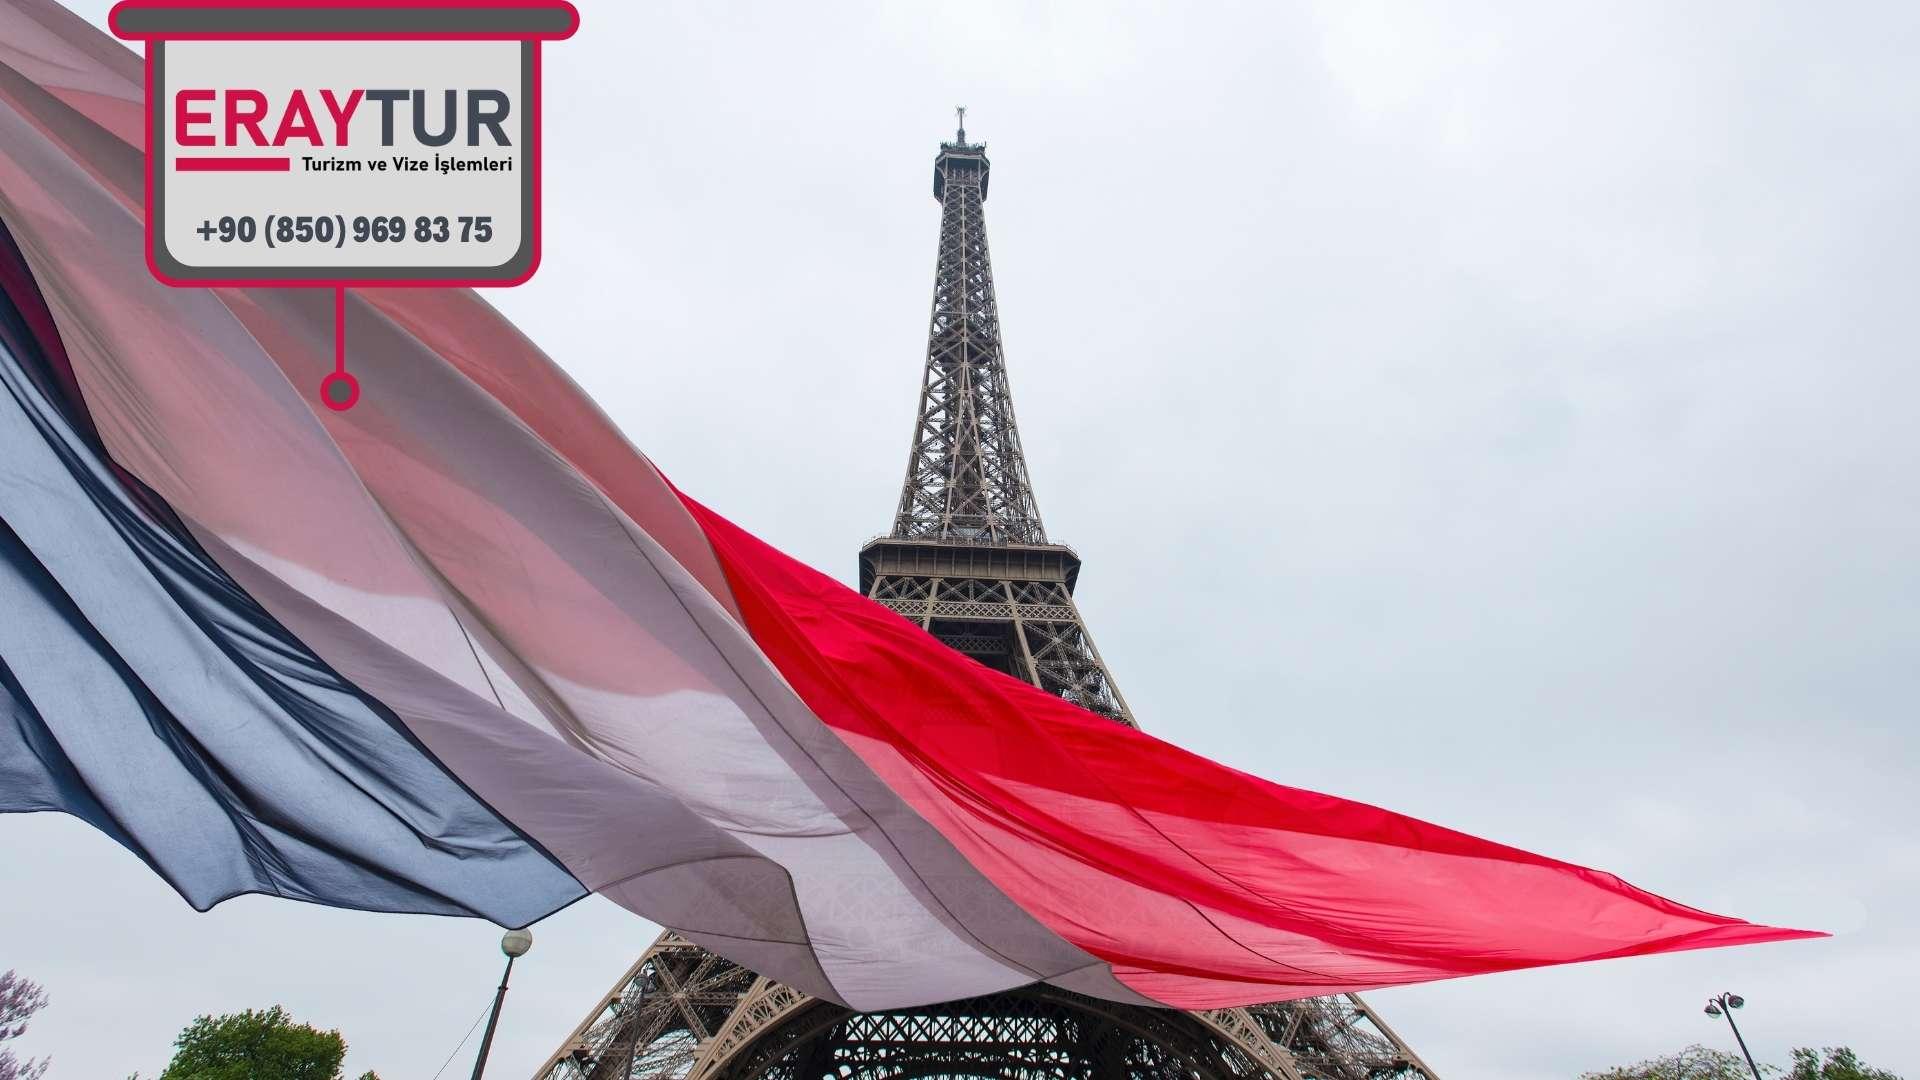 Fransa Turistik Vizesi için Gerekli Ortak Evraklar